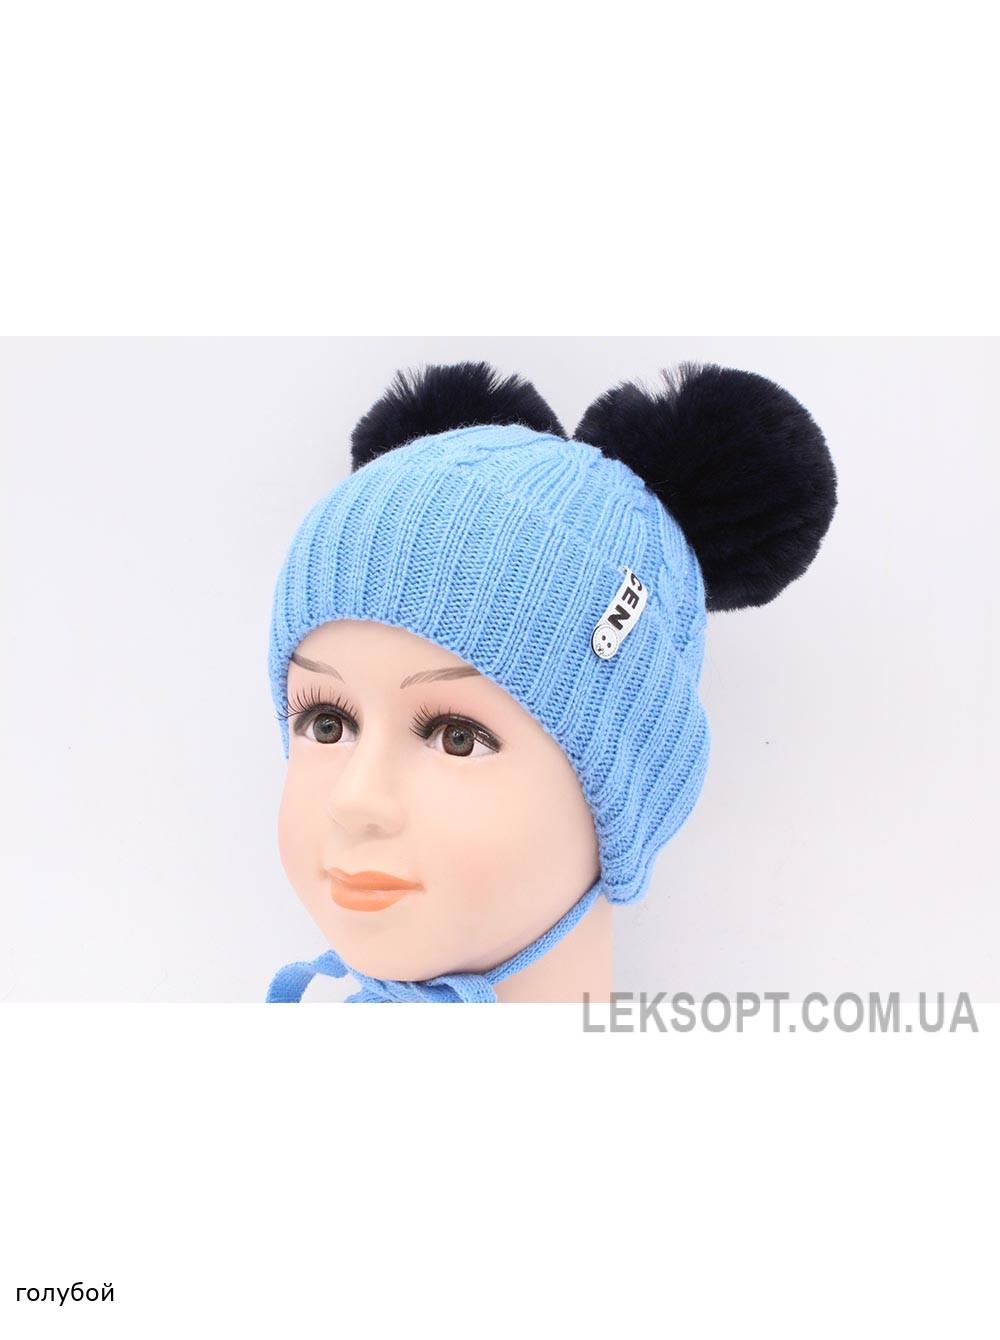 Детская вязаная шапка S97-44-31-46-48